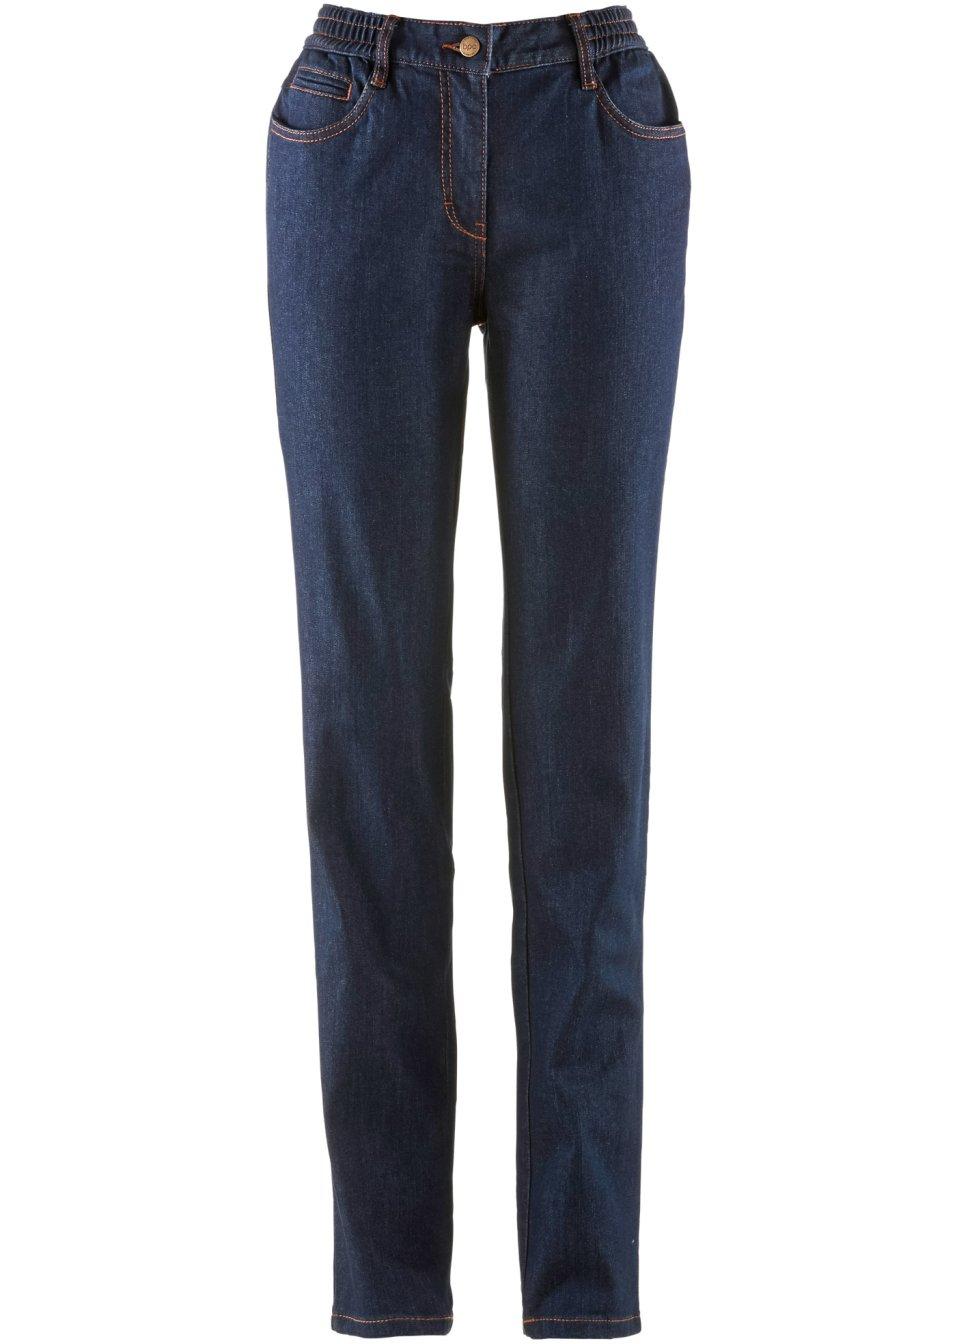 bequeme jeans mit elastischem gummibund darkblue stone. Black Bedroom Furniture Sets. Home Design Ideas